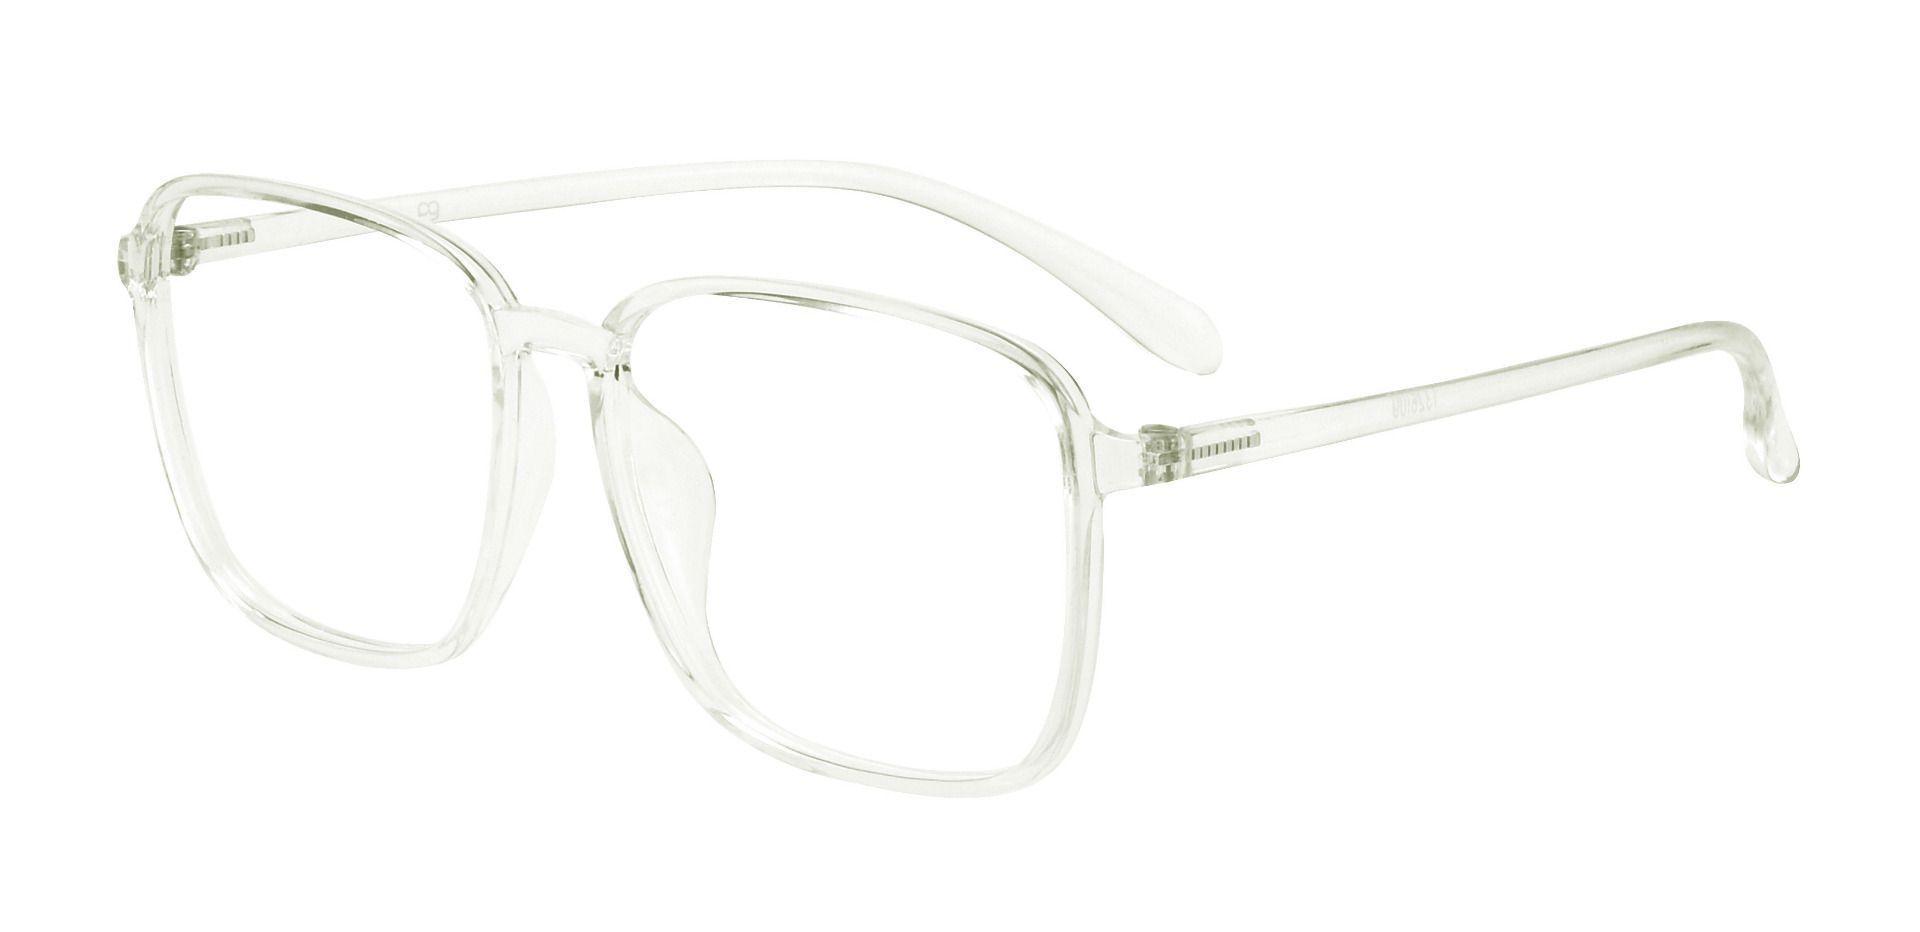 San Antonio Square Prescription Glasses - Blue